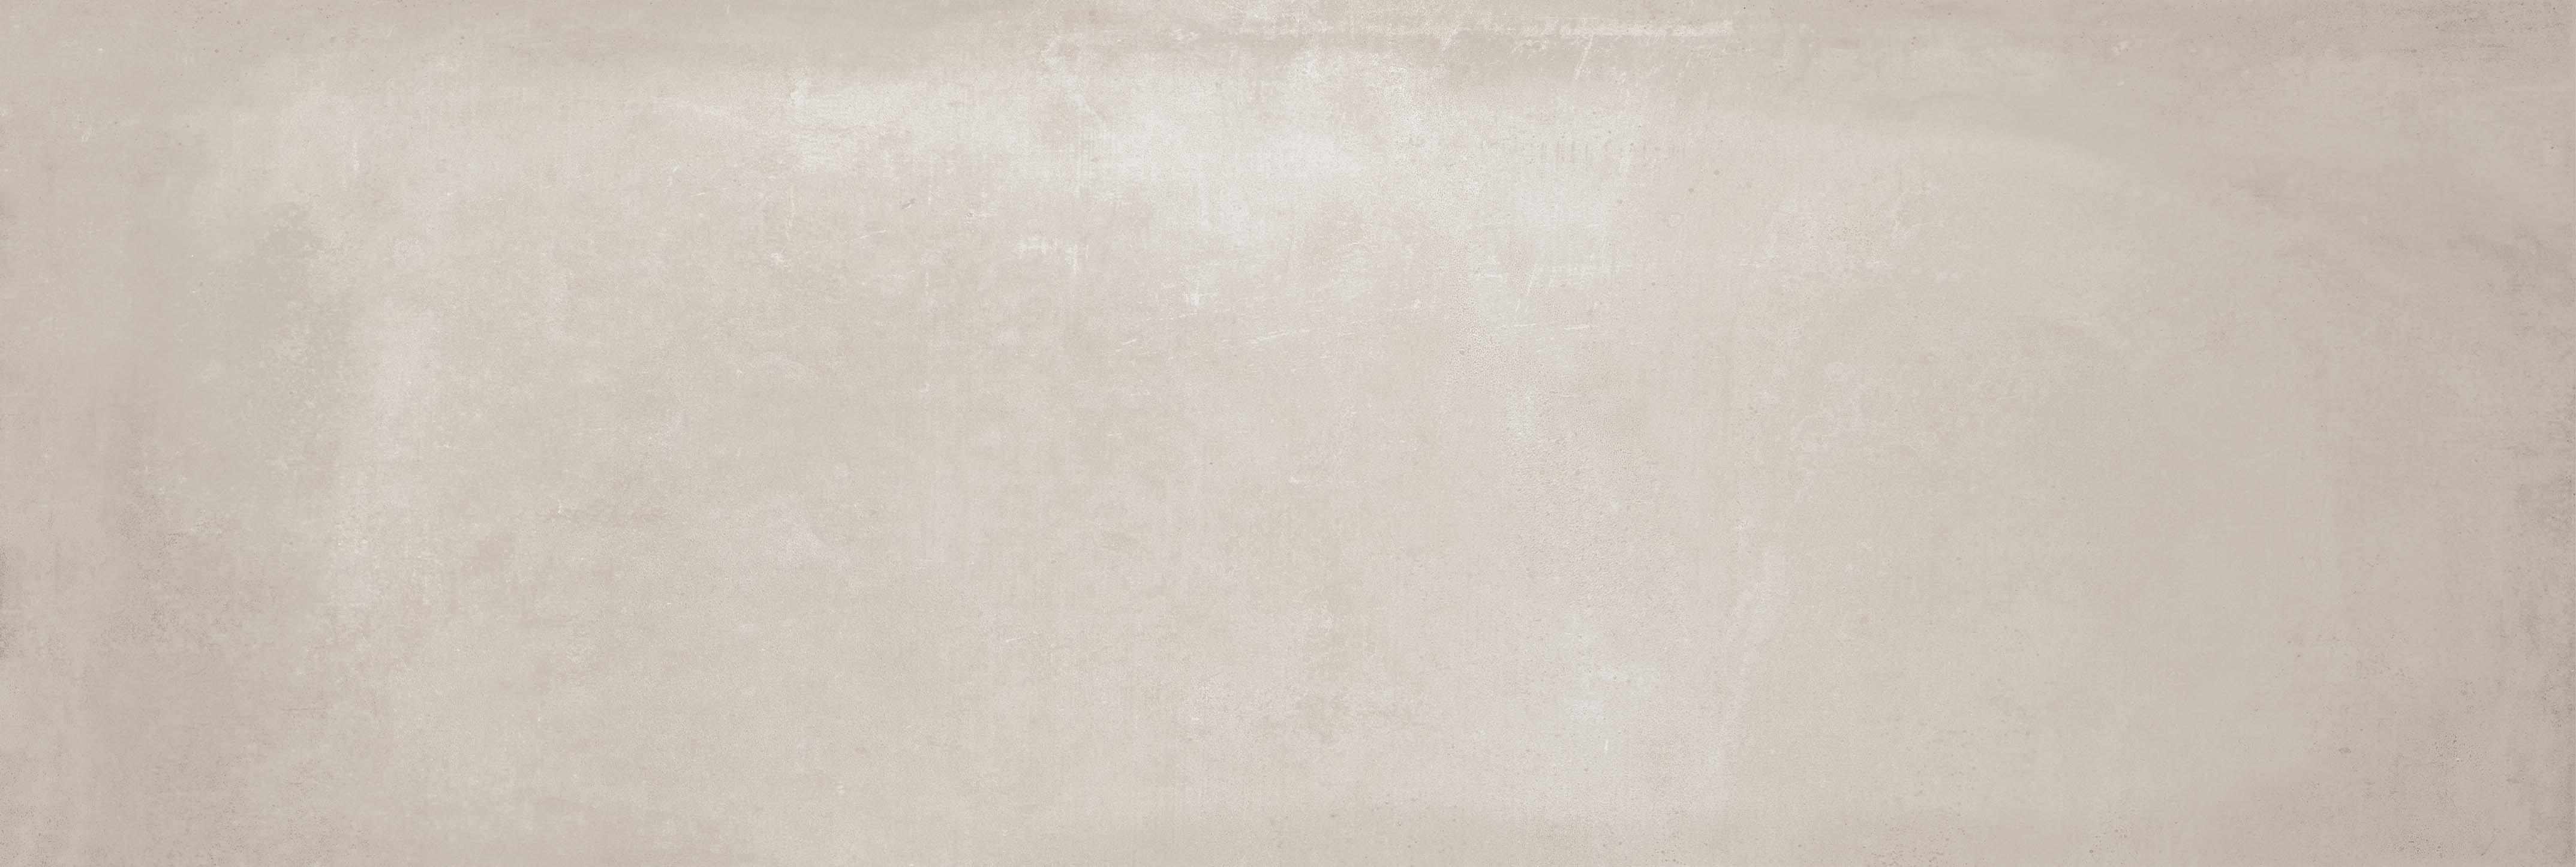 Купить Керамическая плитка Undefasa Nasai Vison настенная 20х60, Испания